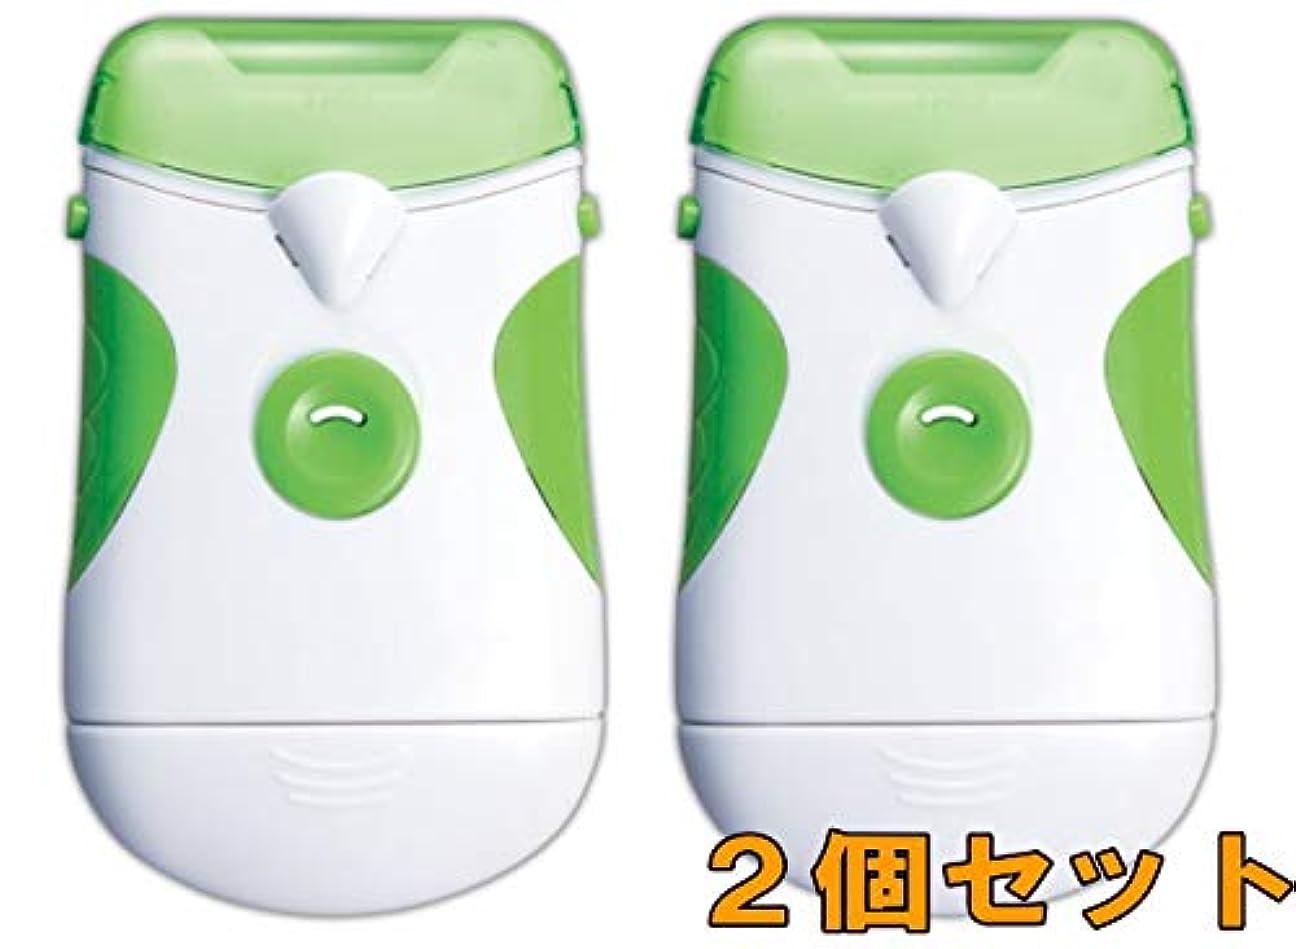 ボルトイタリック調整可能【2個セット】 電動爪切り(ライト付) 爪やすり 爪削り 足爪 硬い爪 電池式